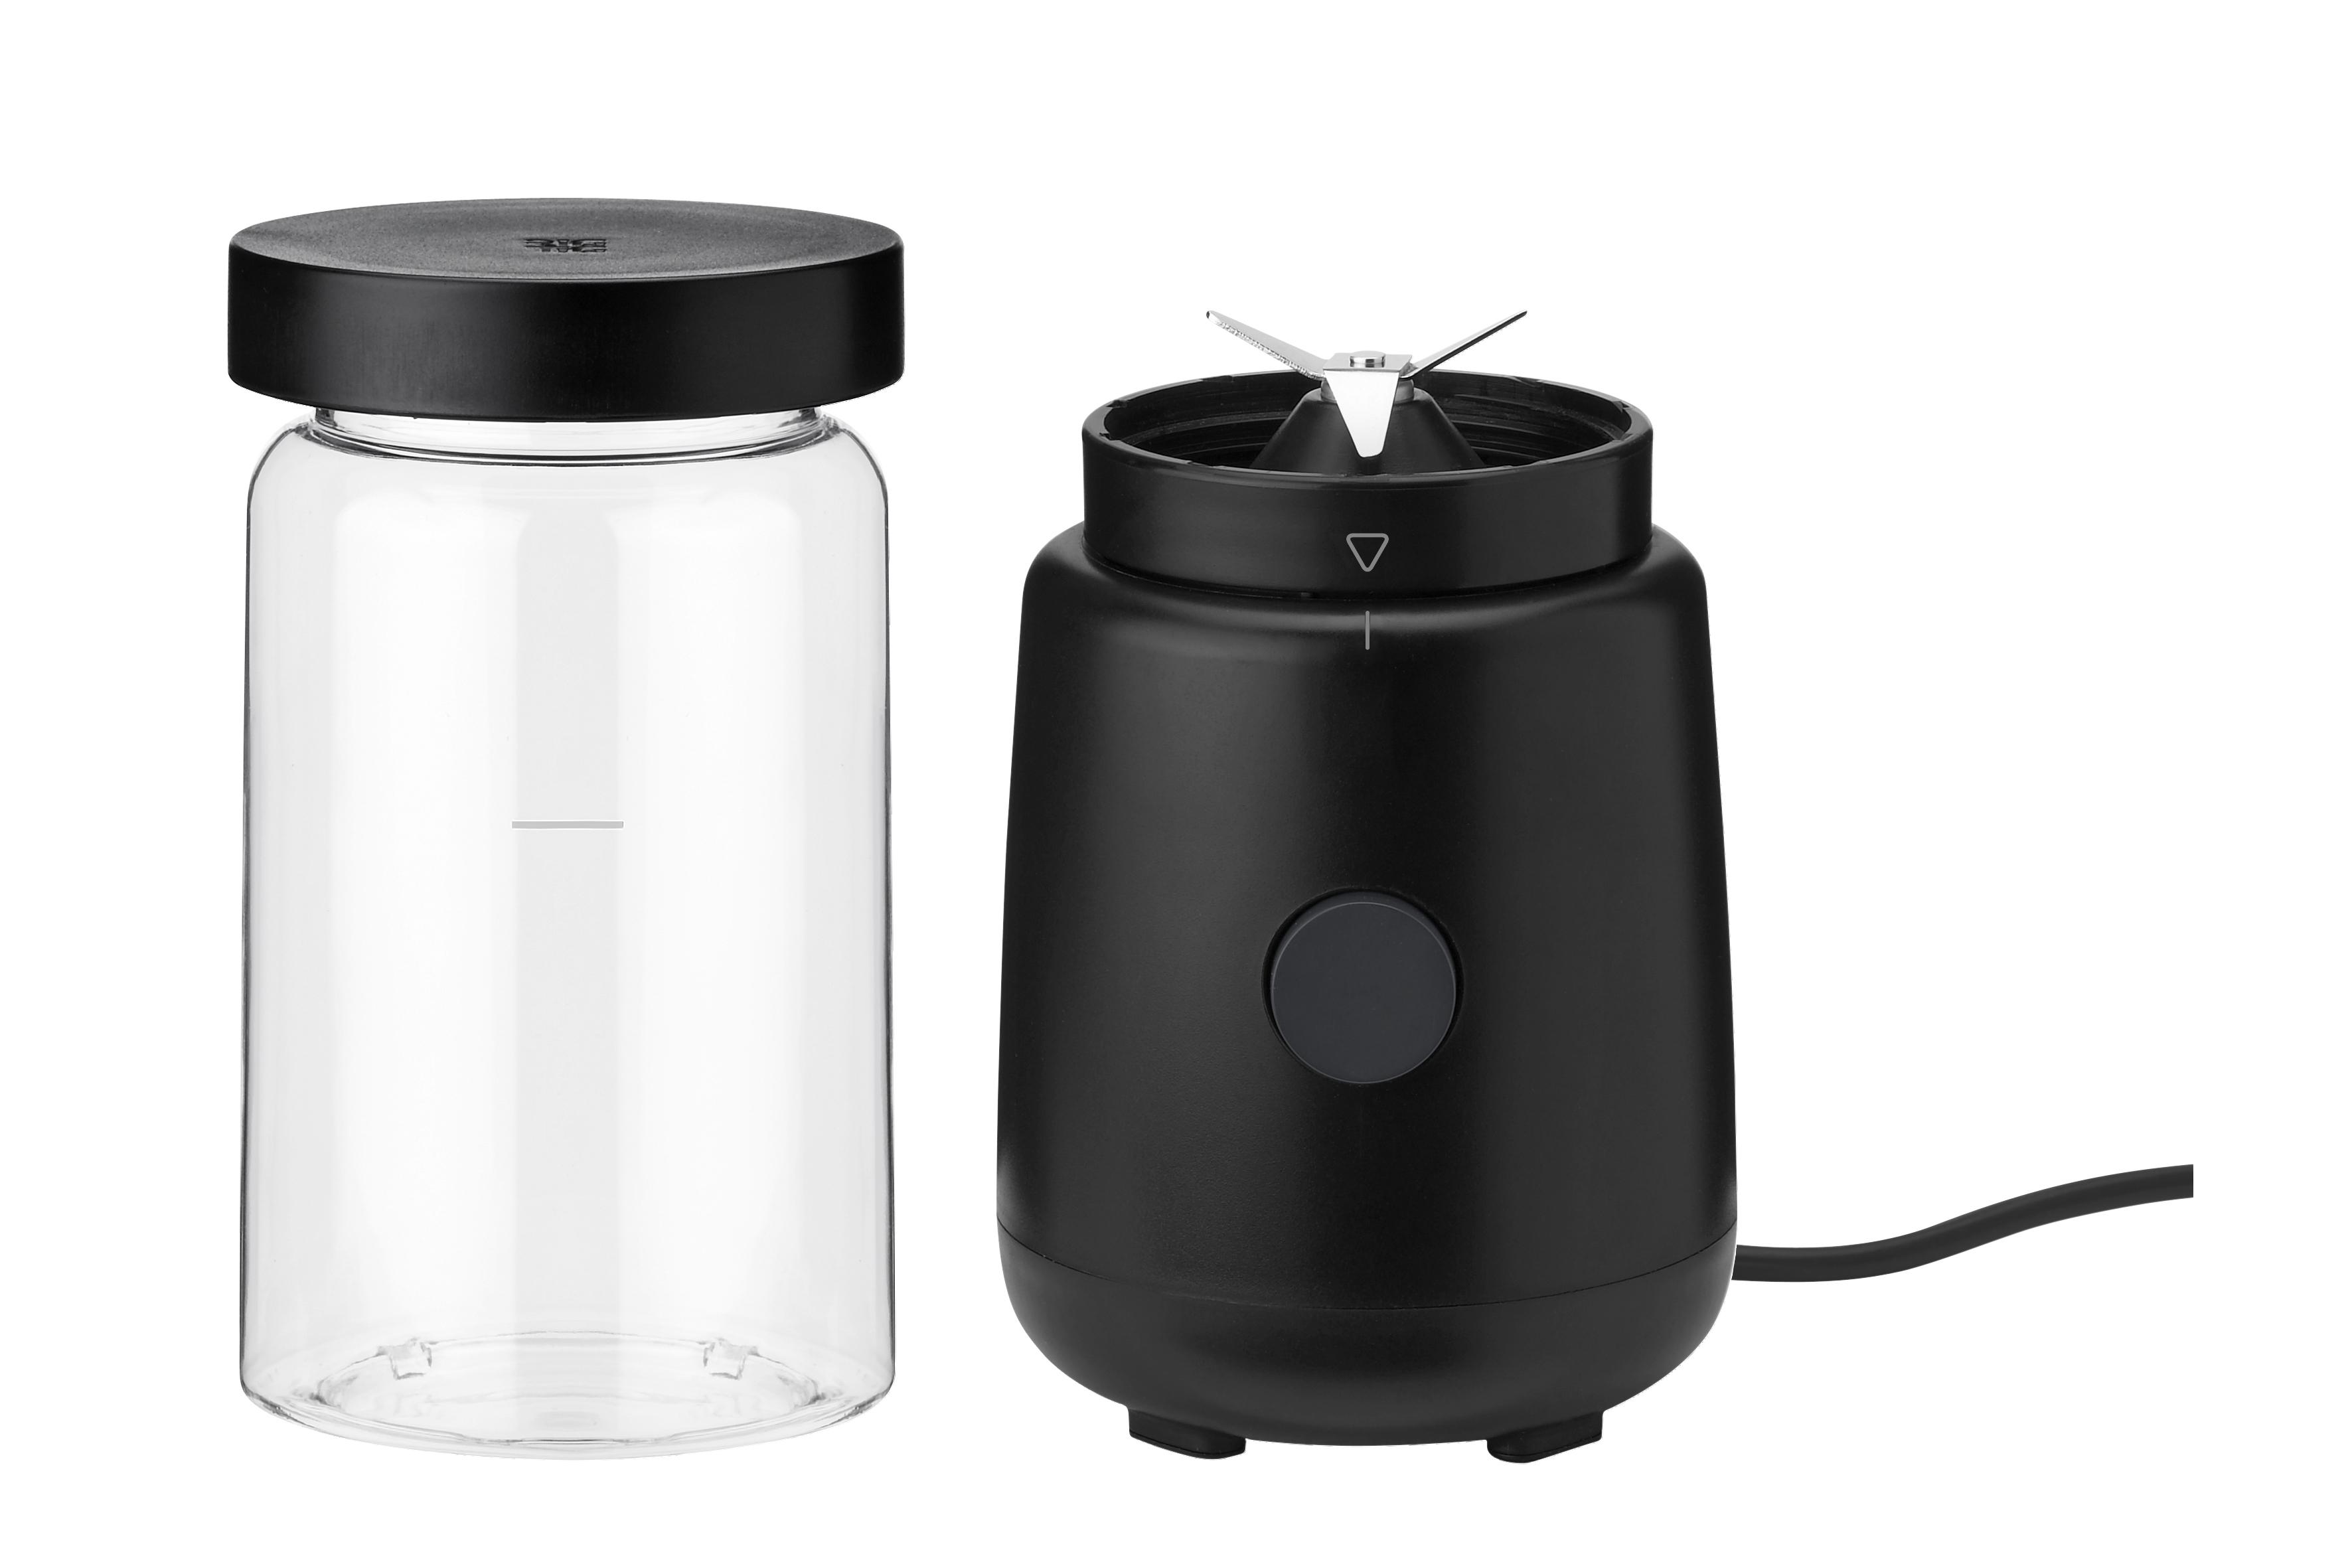 RIG-TIG Foodie smoothieblender, 0,5 l, black